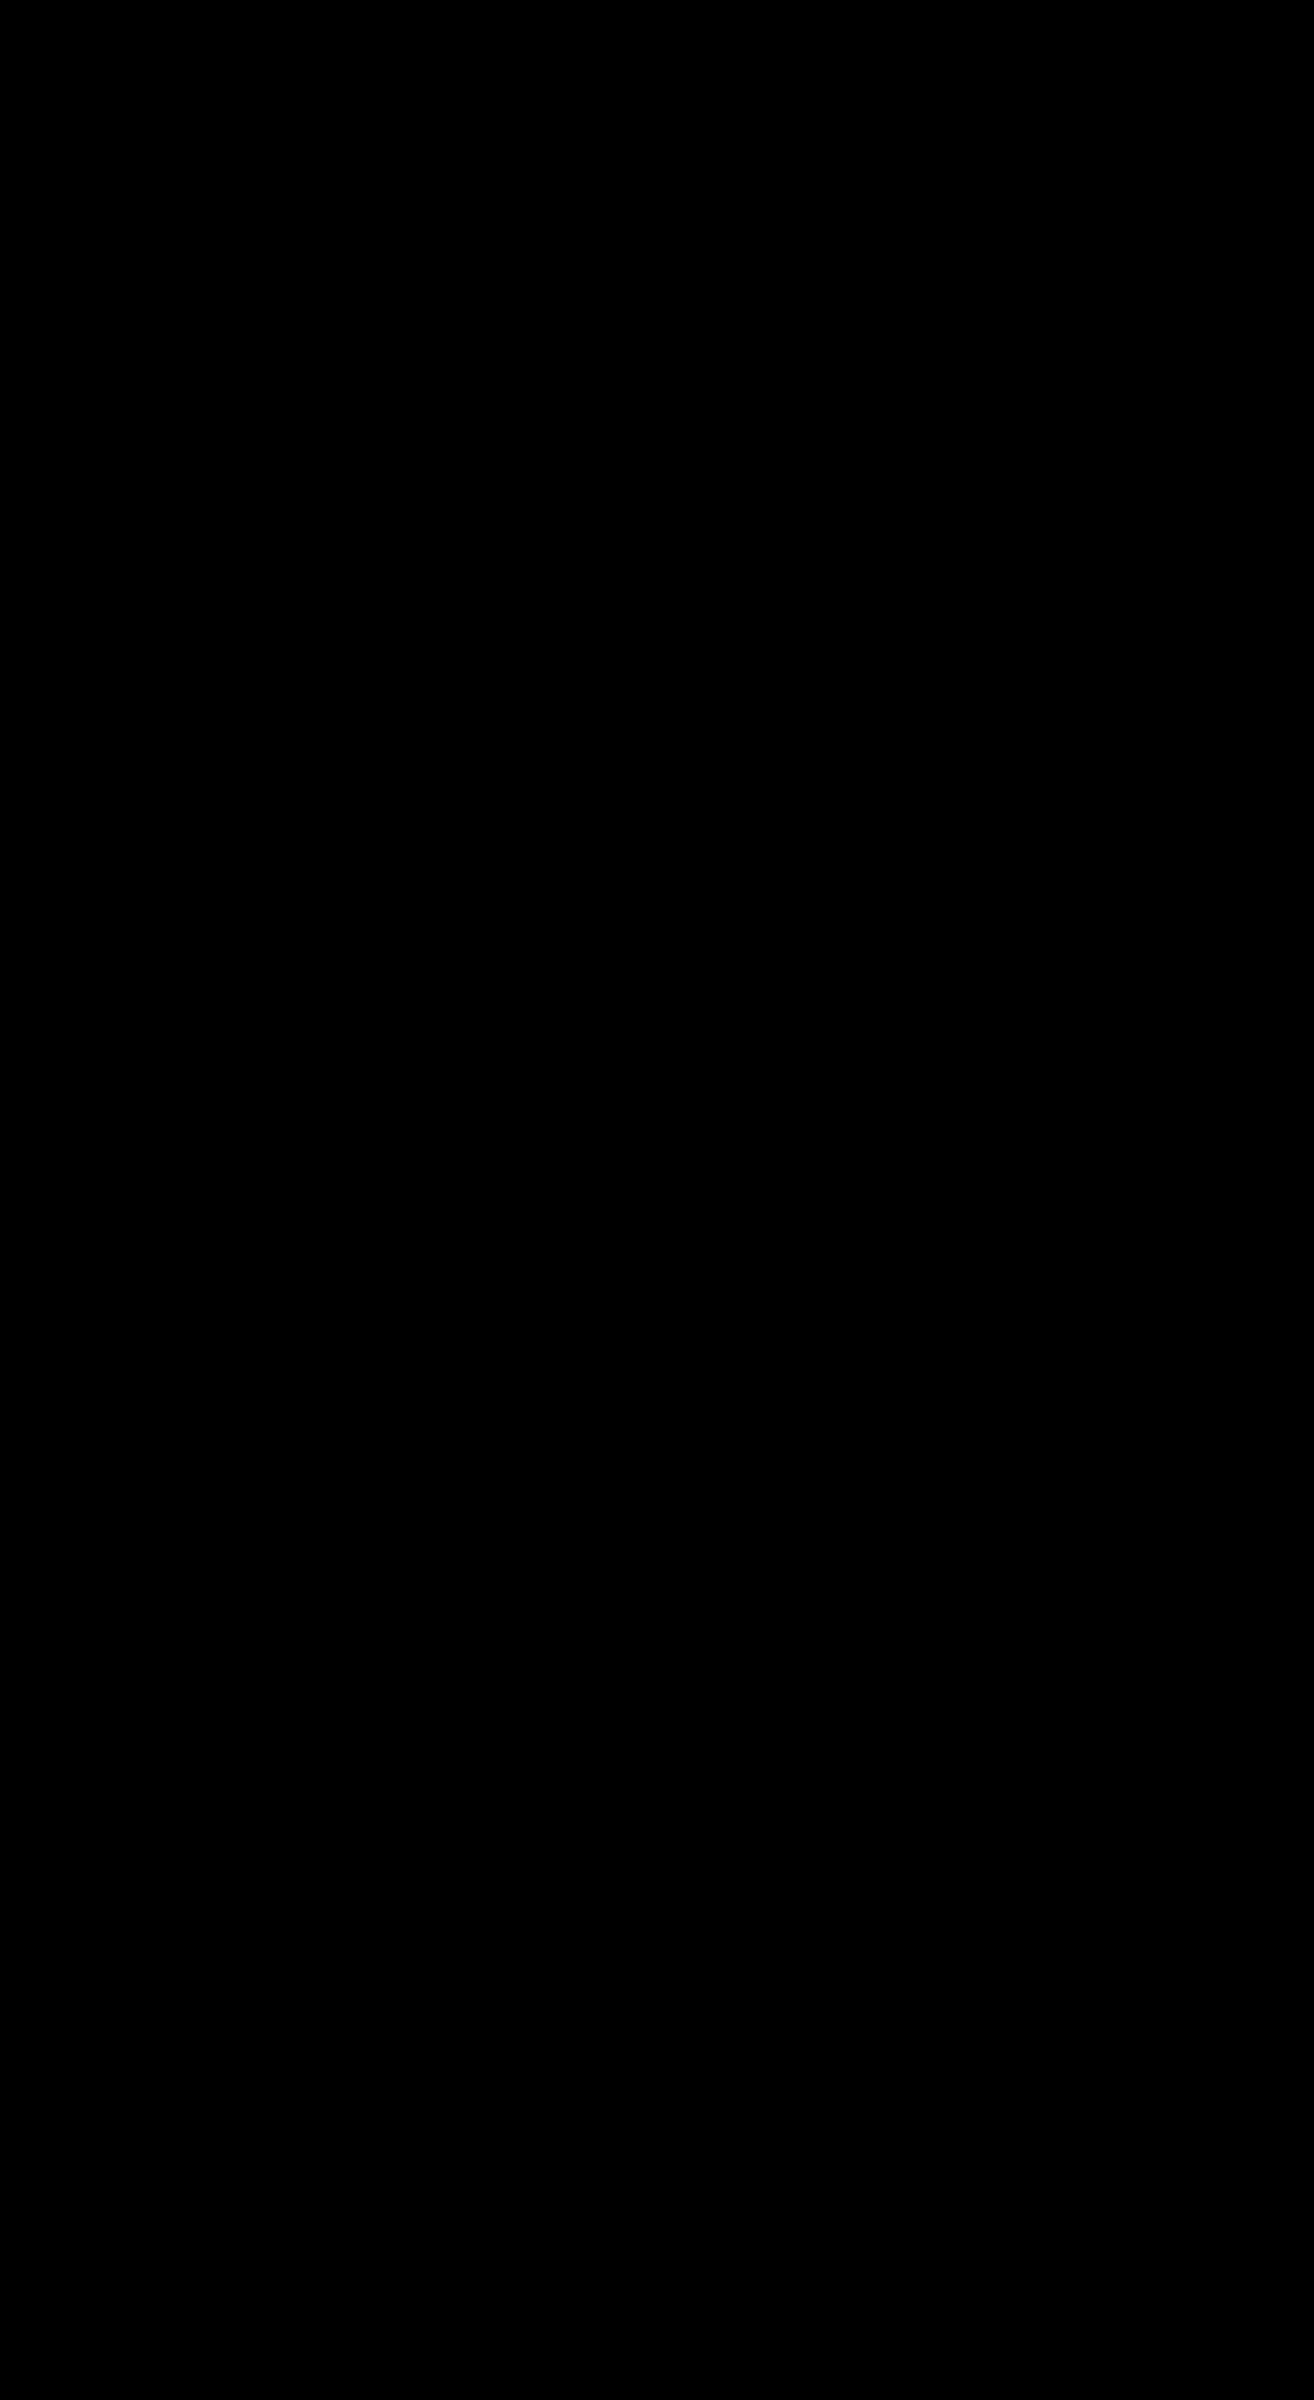 Clipartblack com hawkbclipart animals. Hawk clipart sea hawk